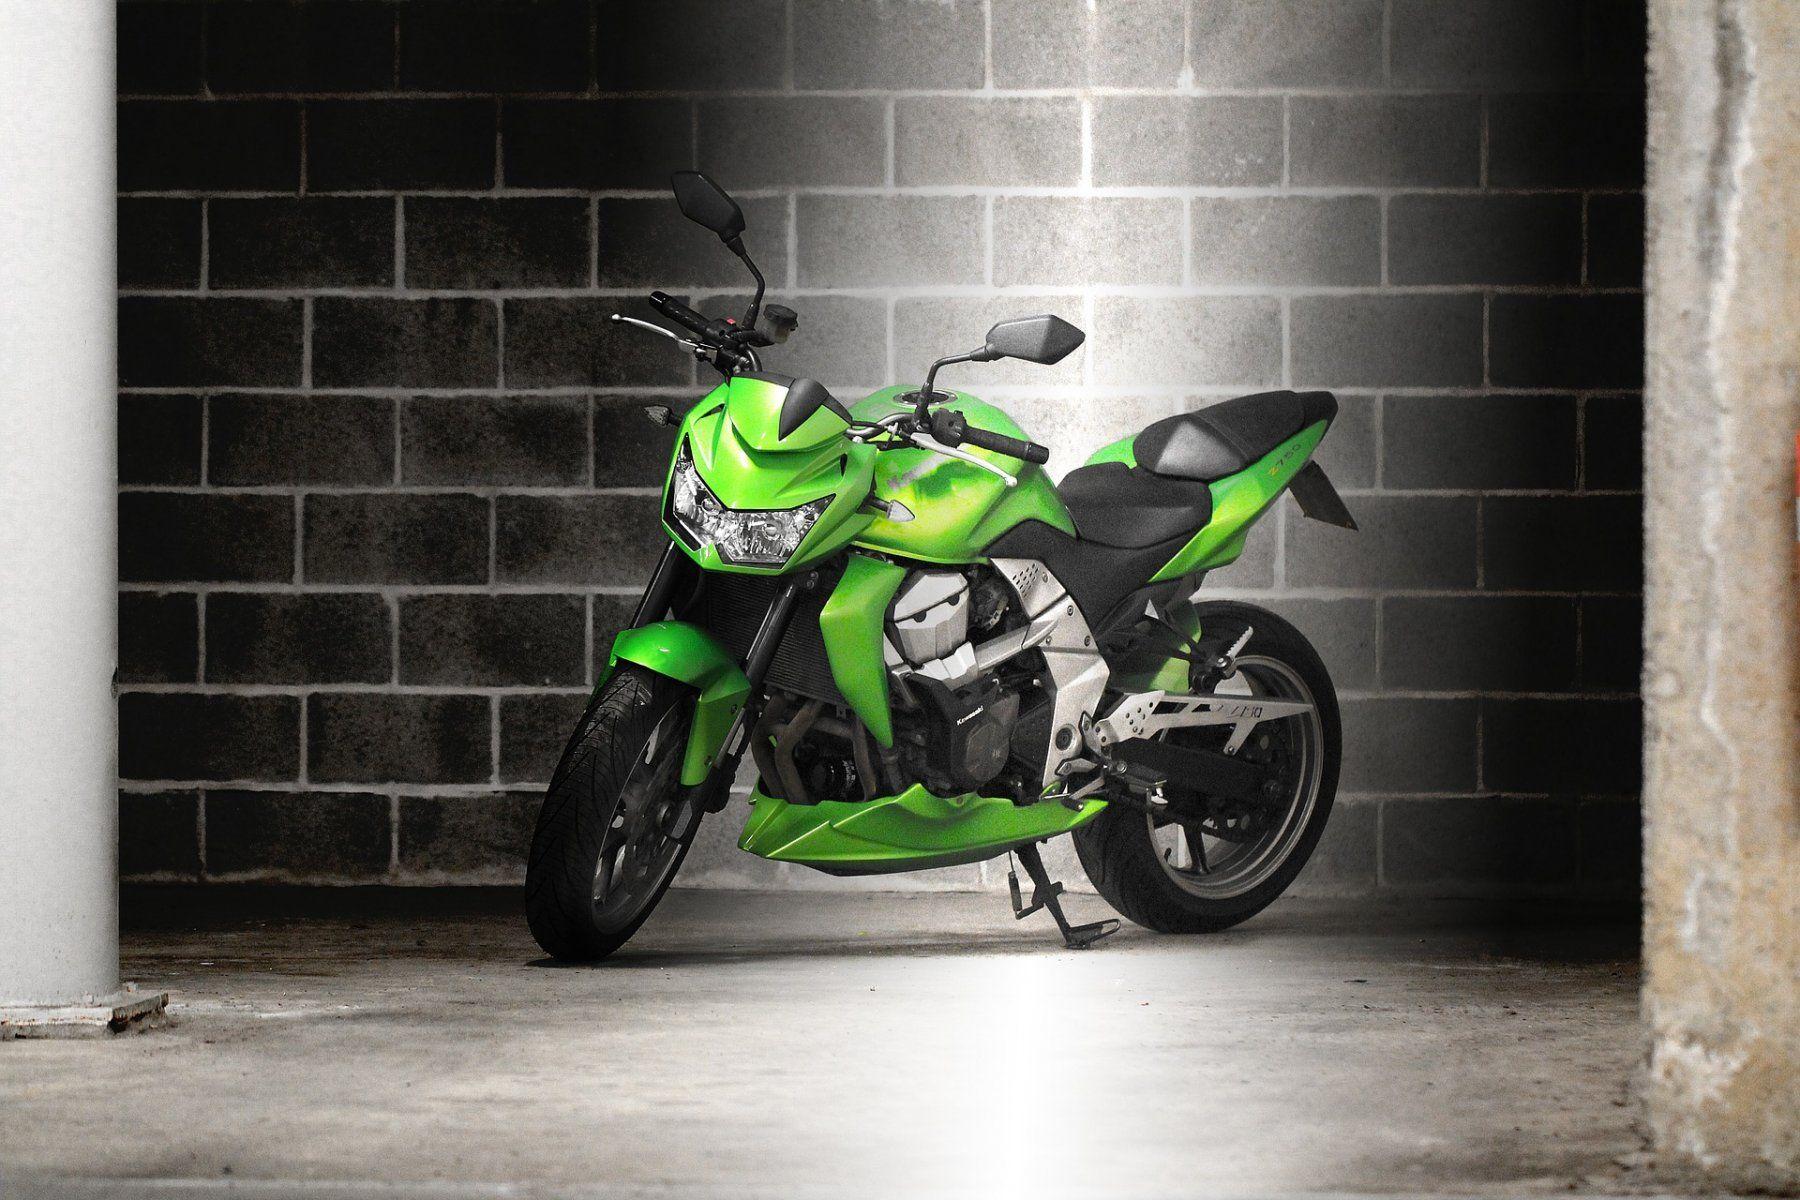 comment trouver un cr dit pour acheter une belle moto moto scooter motos d 39 occasion. Black Bedroom Furniture Sets. Home Design Ideas